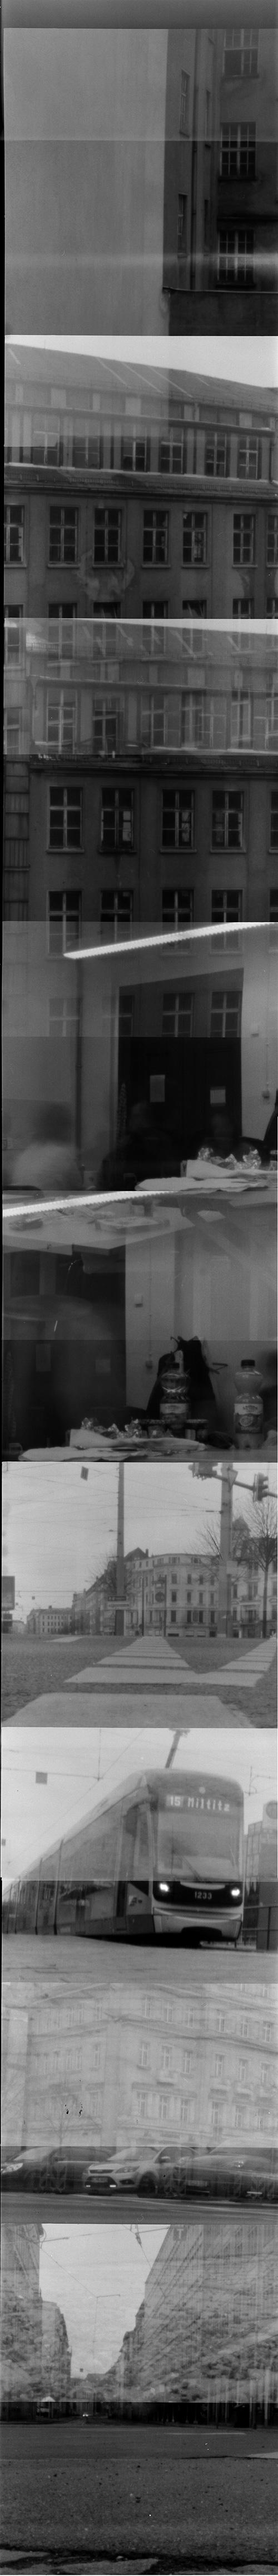 streifen-lochkamera-doppelbelichtungen-500px